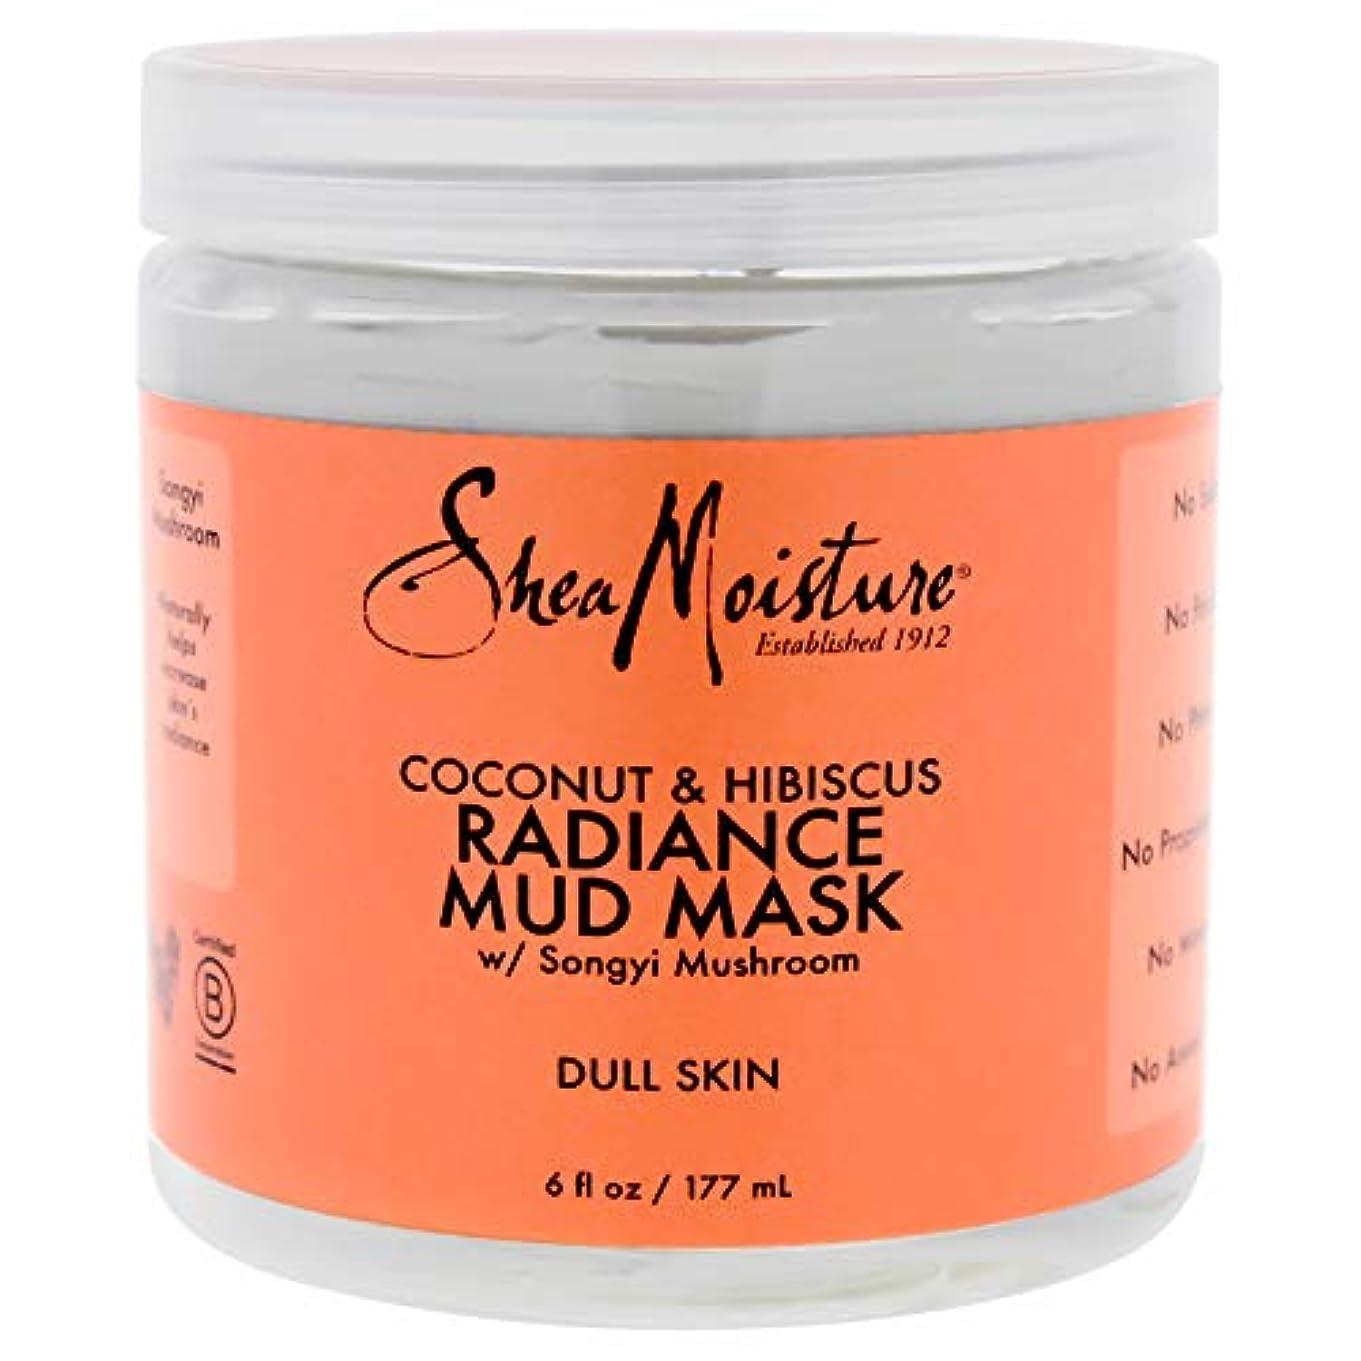 日付付き浮浪者揺れるCoconut & Hibiscus Radiance Mud Mask - Dull Skin